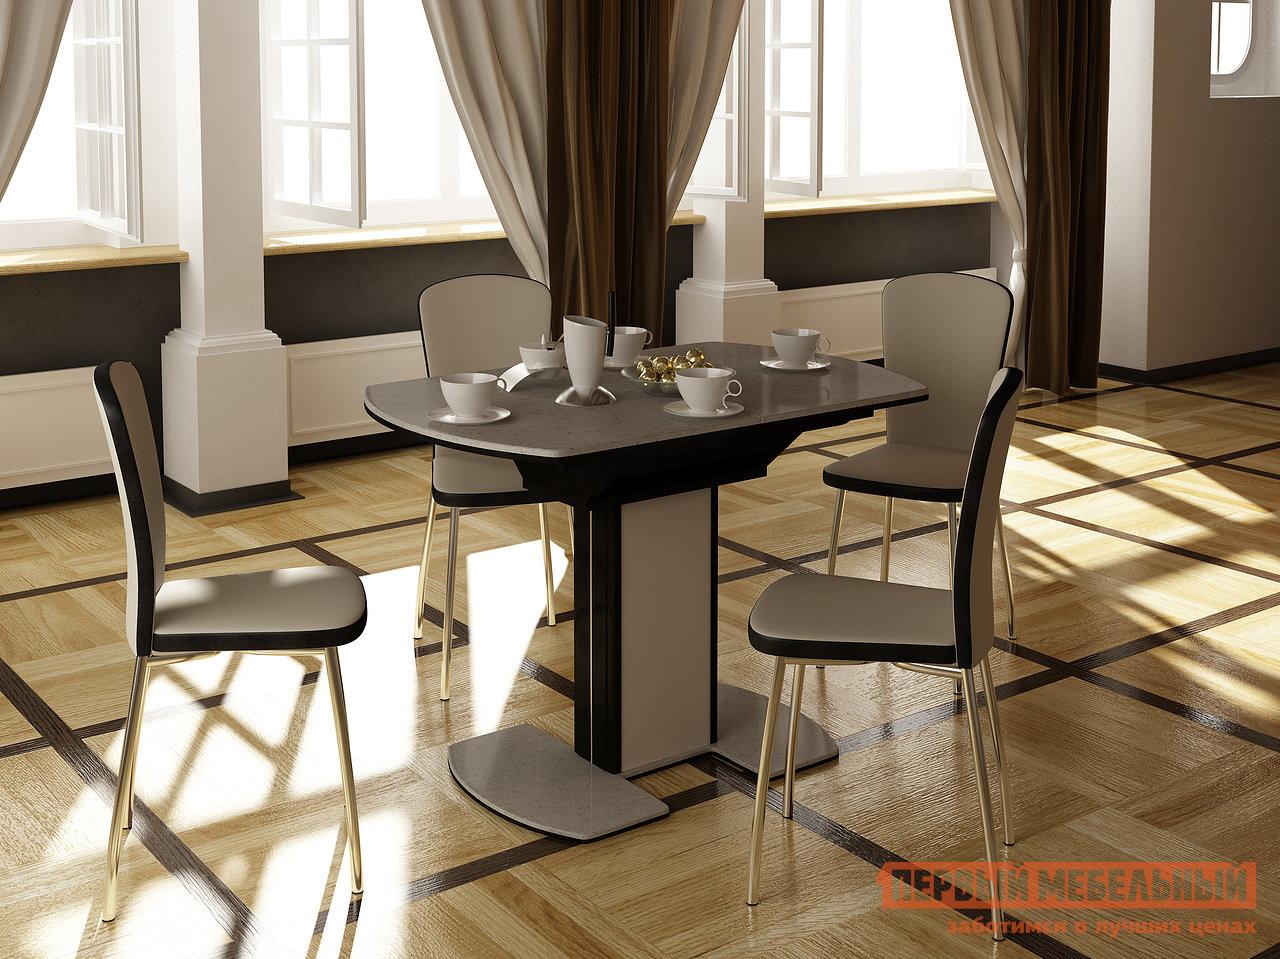 Обеденная группа для столовой и гостиной Домотека Стол Реал ПО КМ 05 + 4 стула Палермо